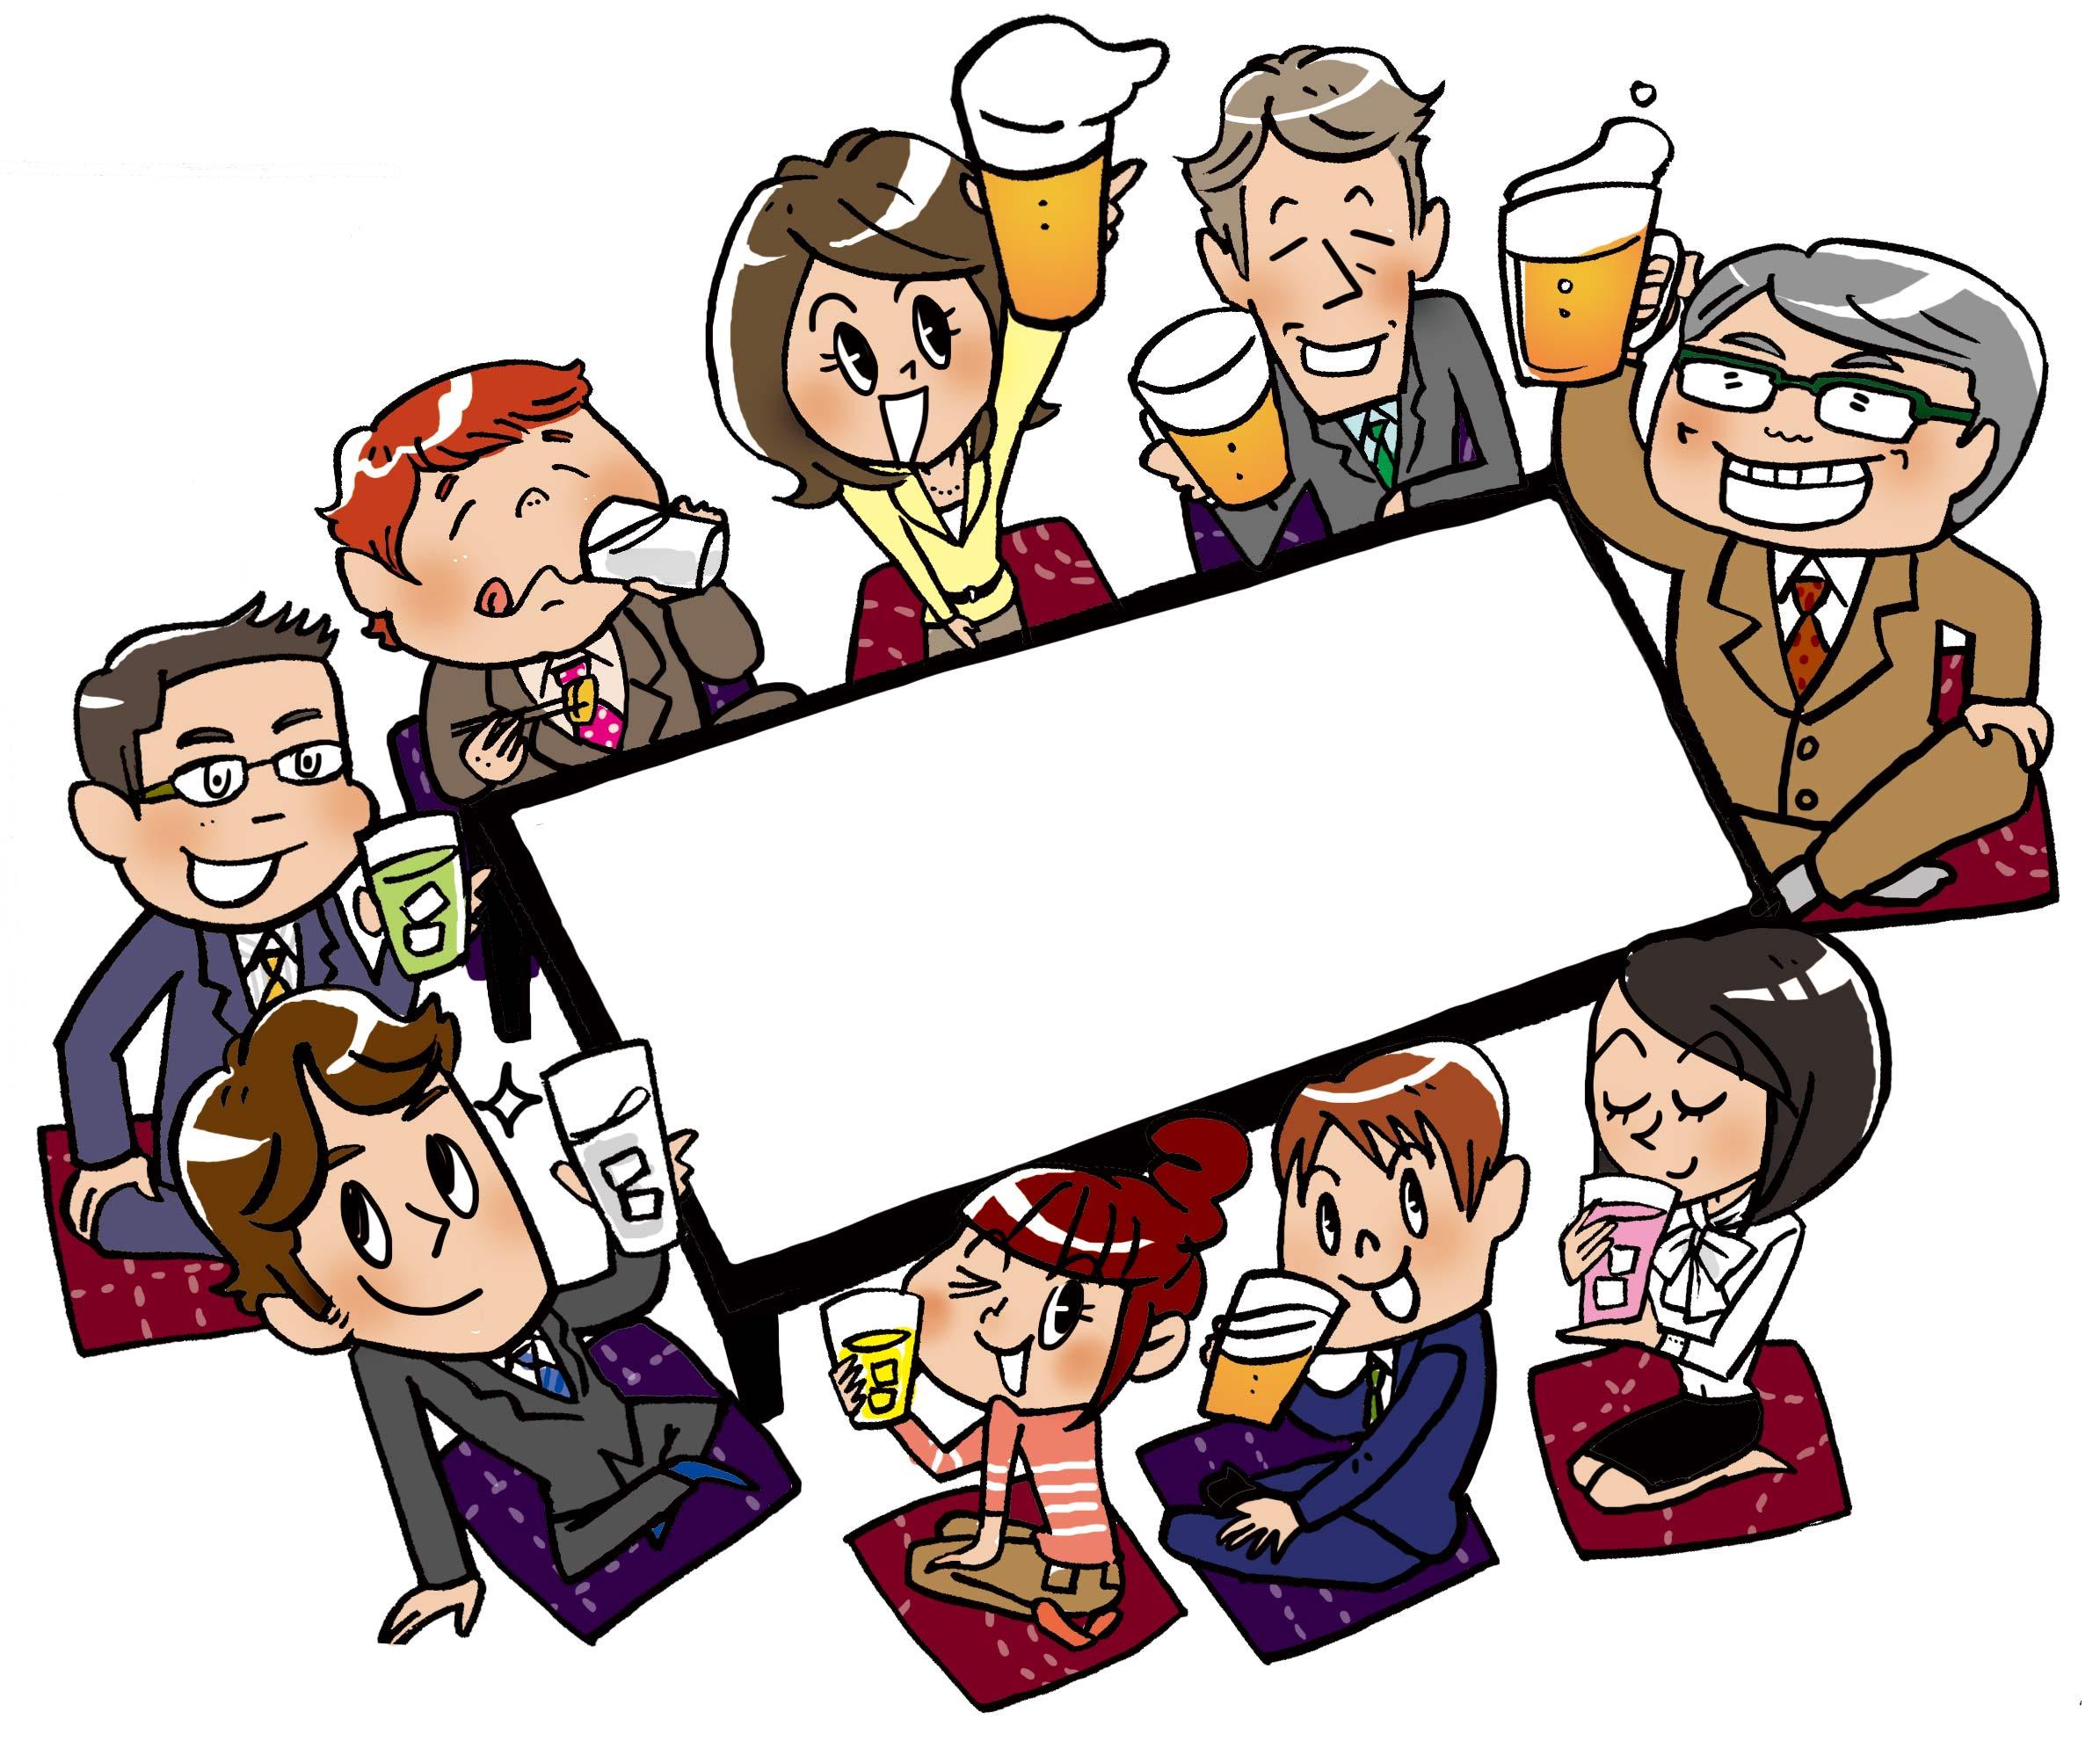 【職場でのコミュニケーションが苦手な人へ送る、騒がしい飲み会でも会話が弾む2つのポイント】